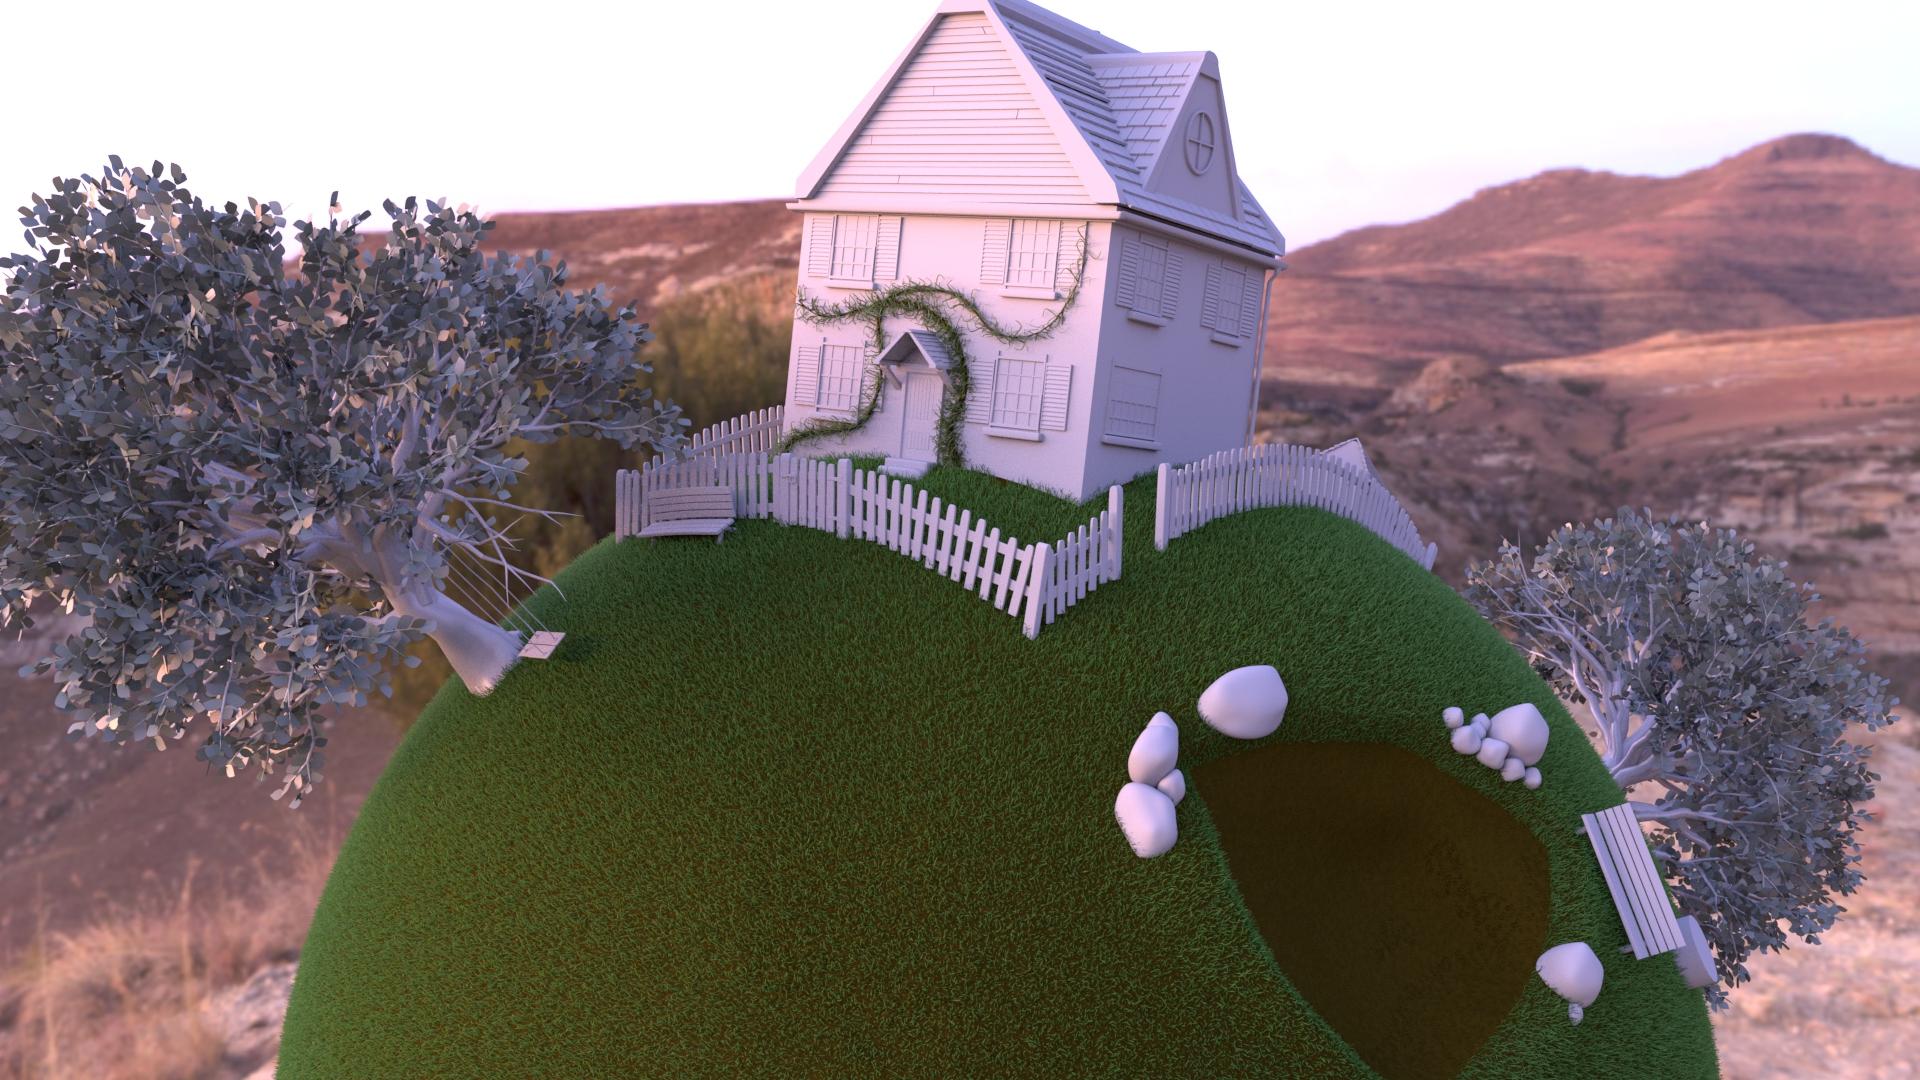 Grass applied